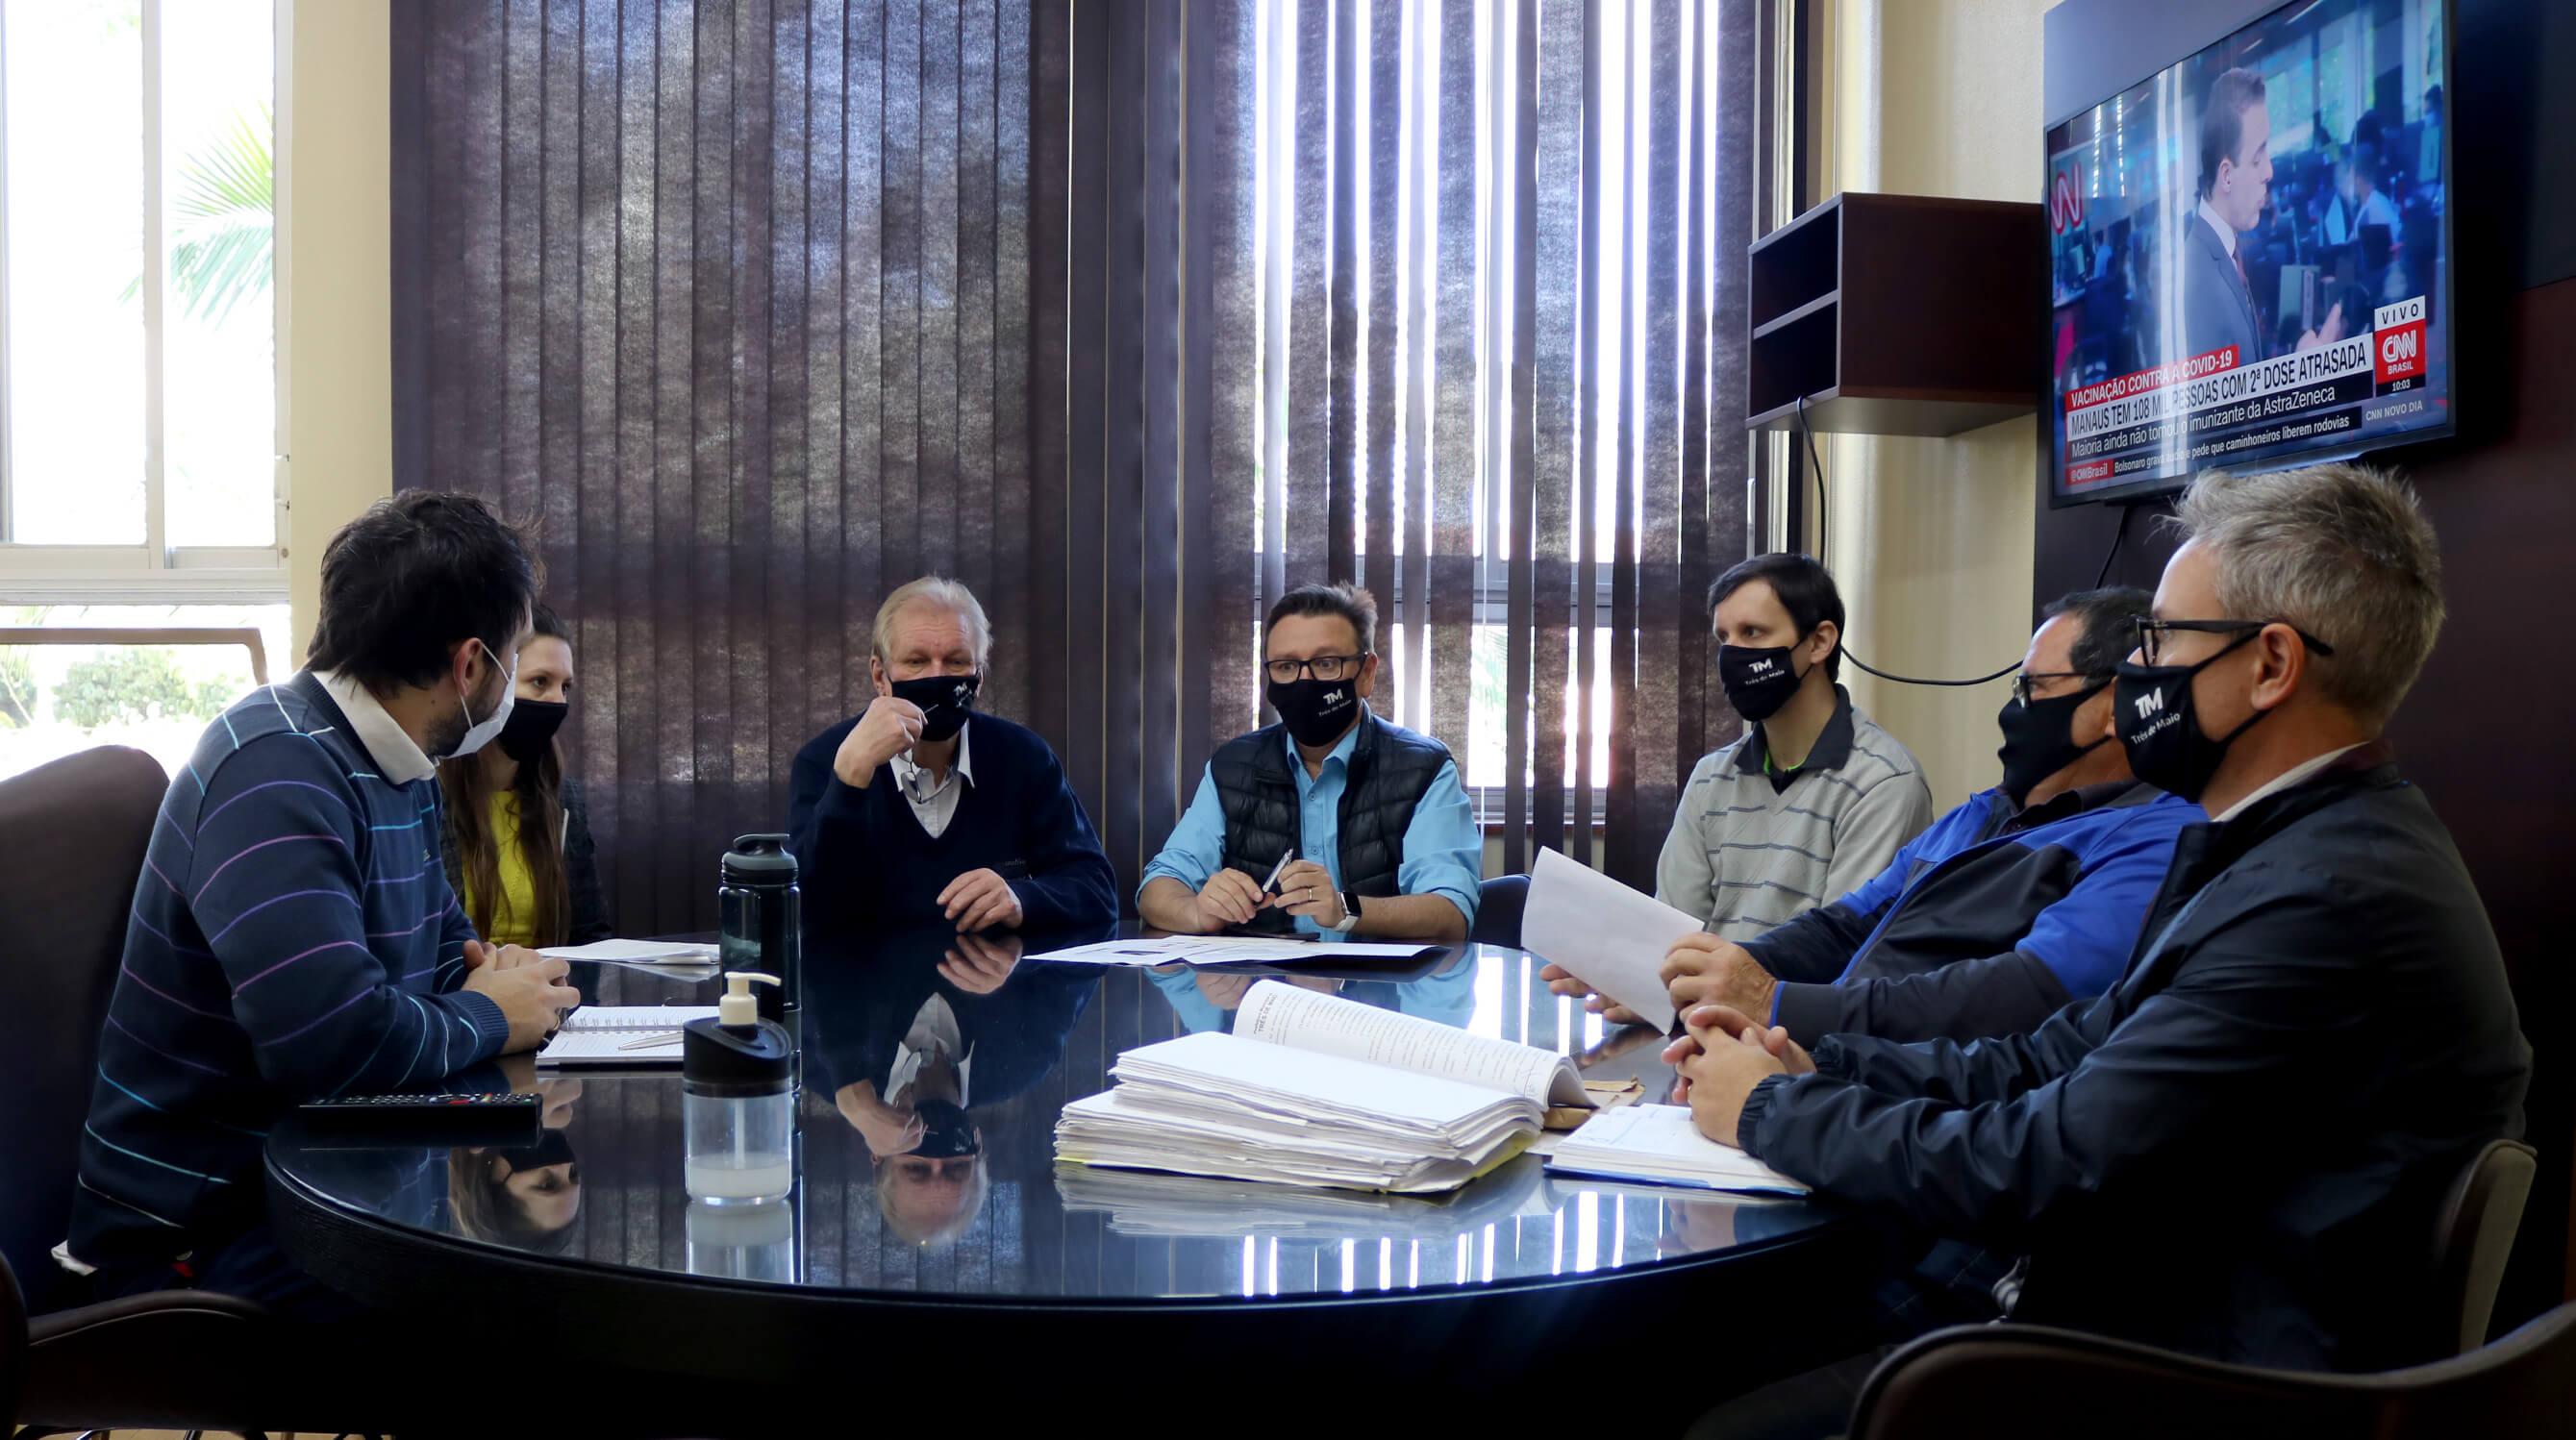 REFORMA DO GINÁSIO MUNICIPAL DE ESPORTES CESLAU SAWITZKI AGUARDA ATUALIZAÇÃO DE PLANILHA DE CUSTOS